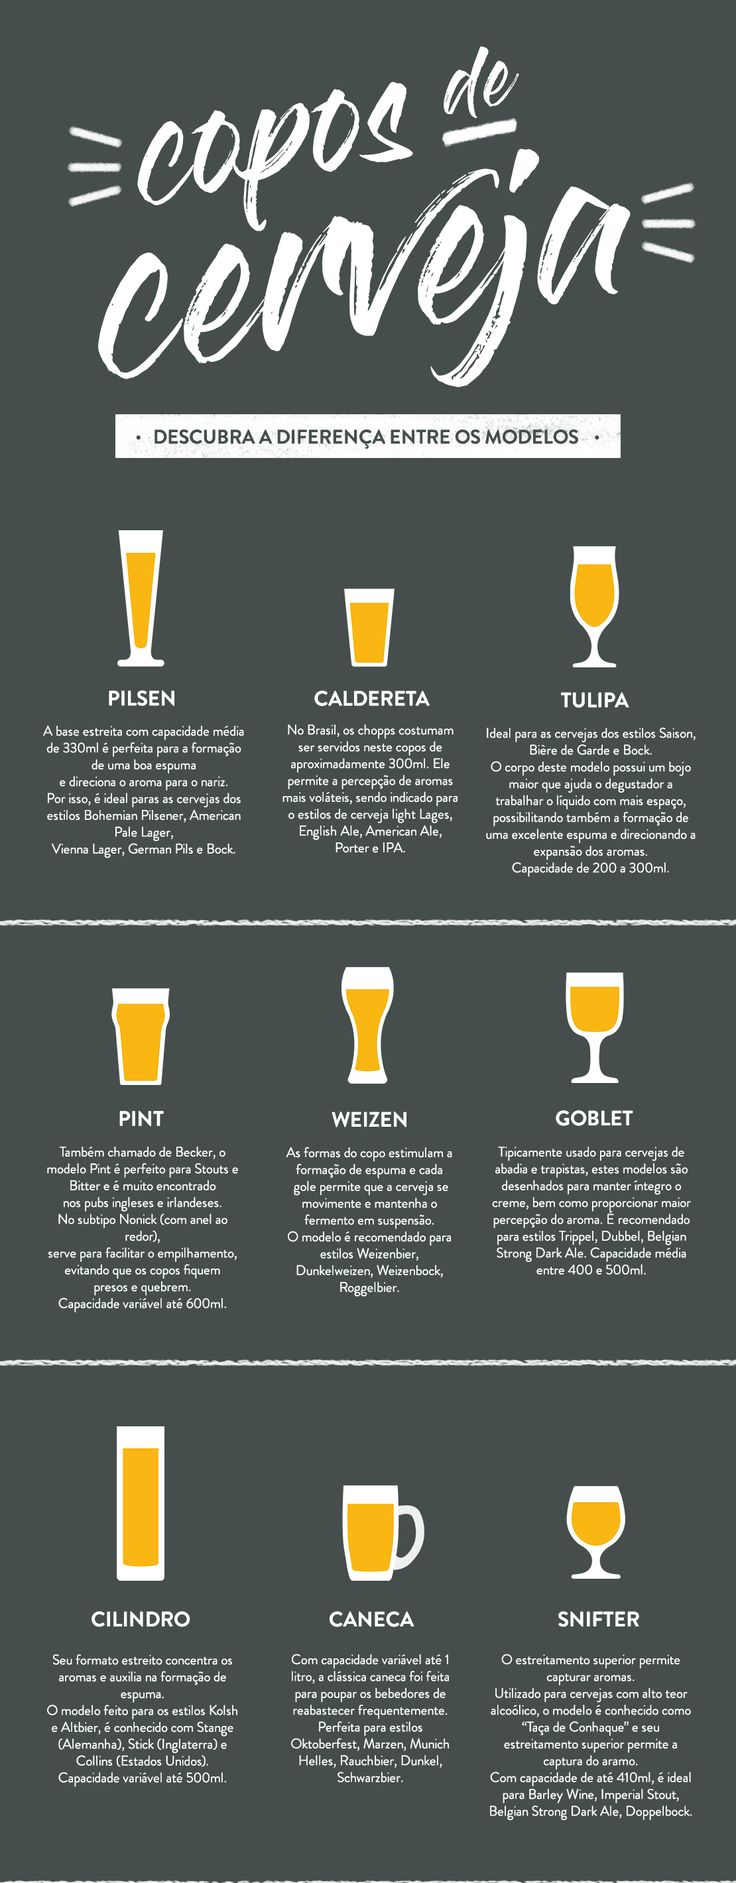 O Westwing apresenta o guia dos copos de cerveja e mostra a diferença entre os modelos mais conhecidos pelo mundo. Descubra e venha brindar com a gente!